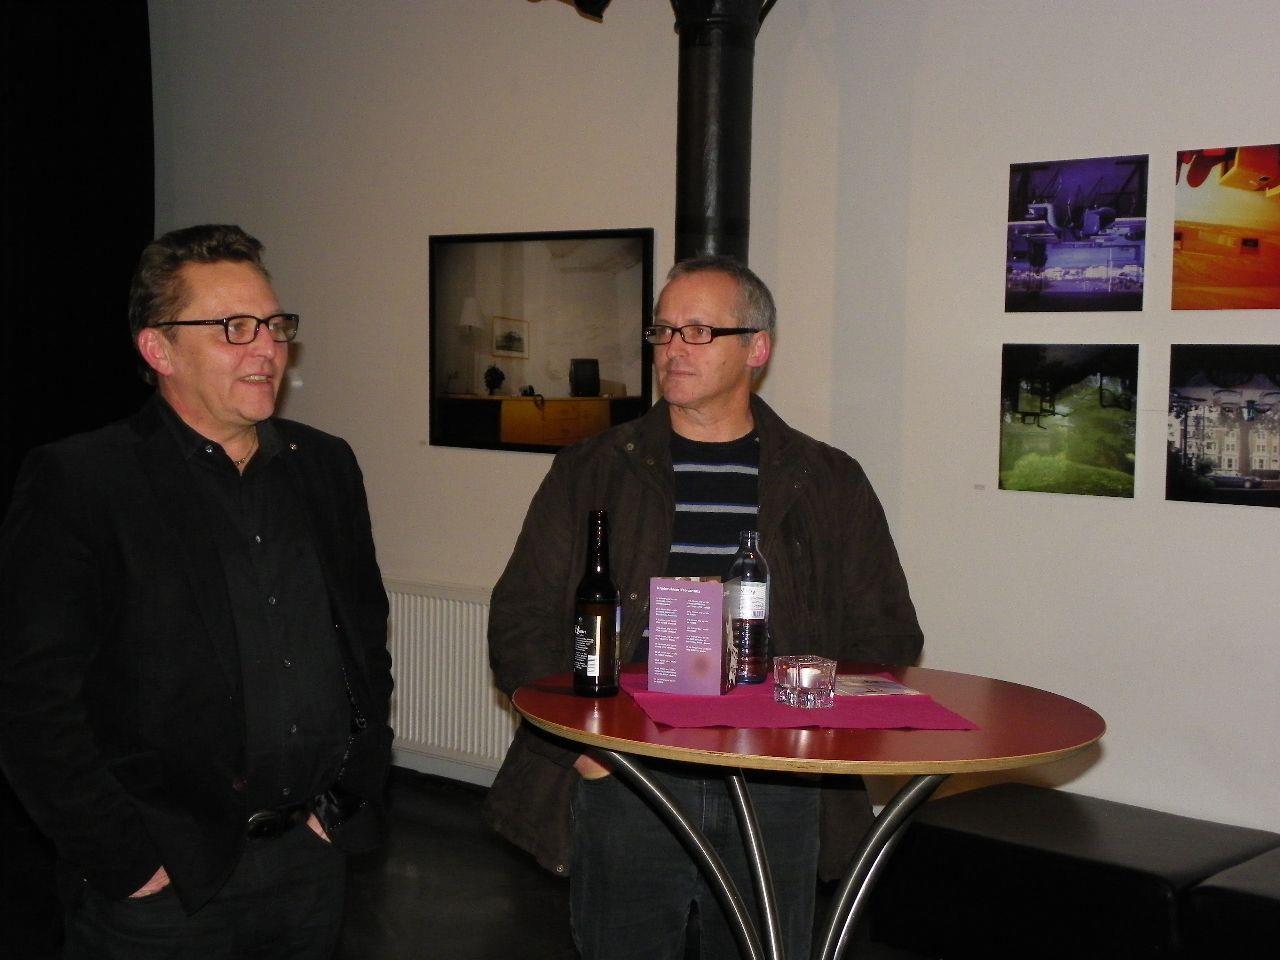 Augustin Jagg im Gespräch mit Georg Vith